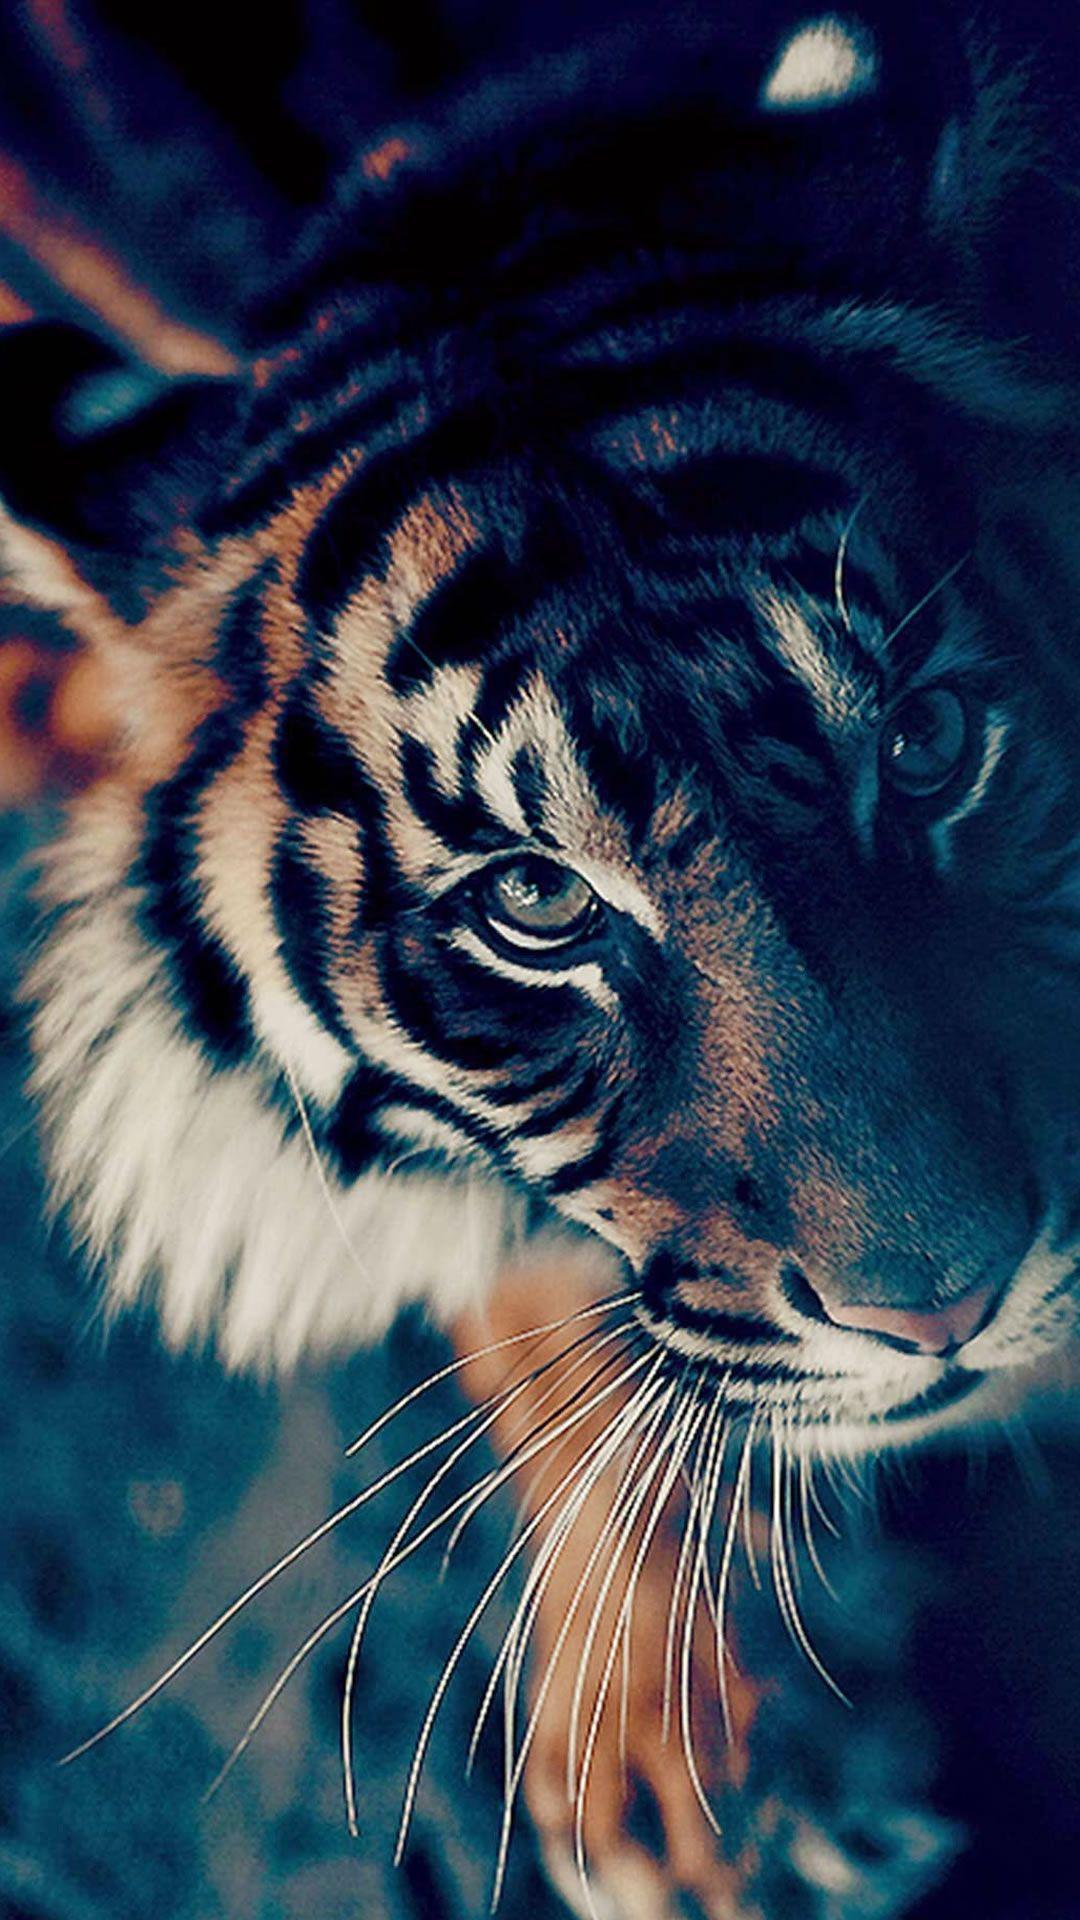 Kawaii Anime Tiger Wallpapers Top Free Kawaii Anime Tiger